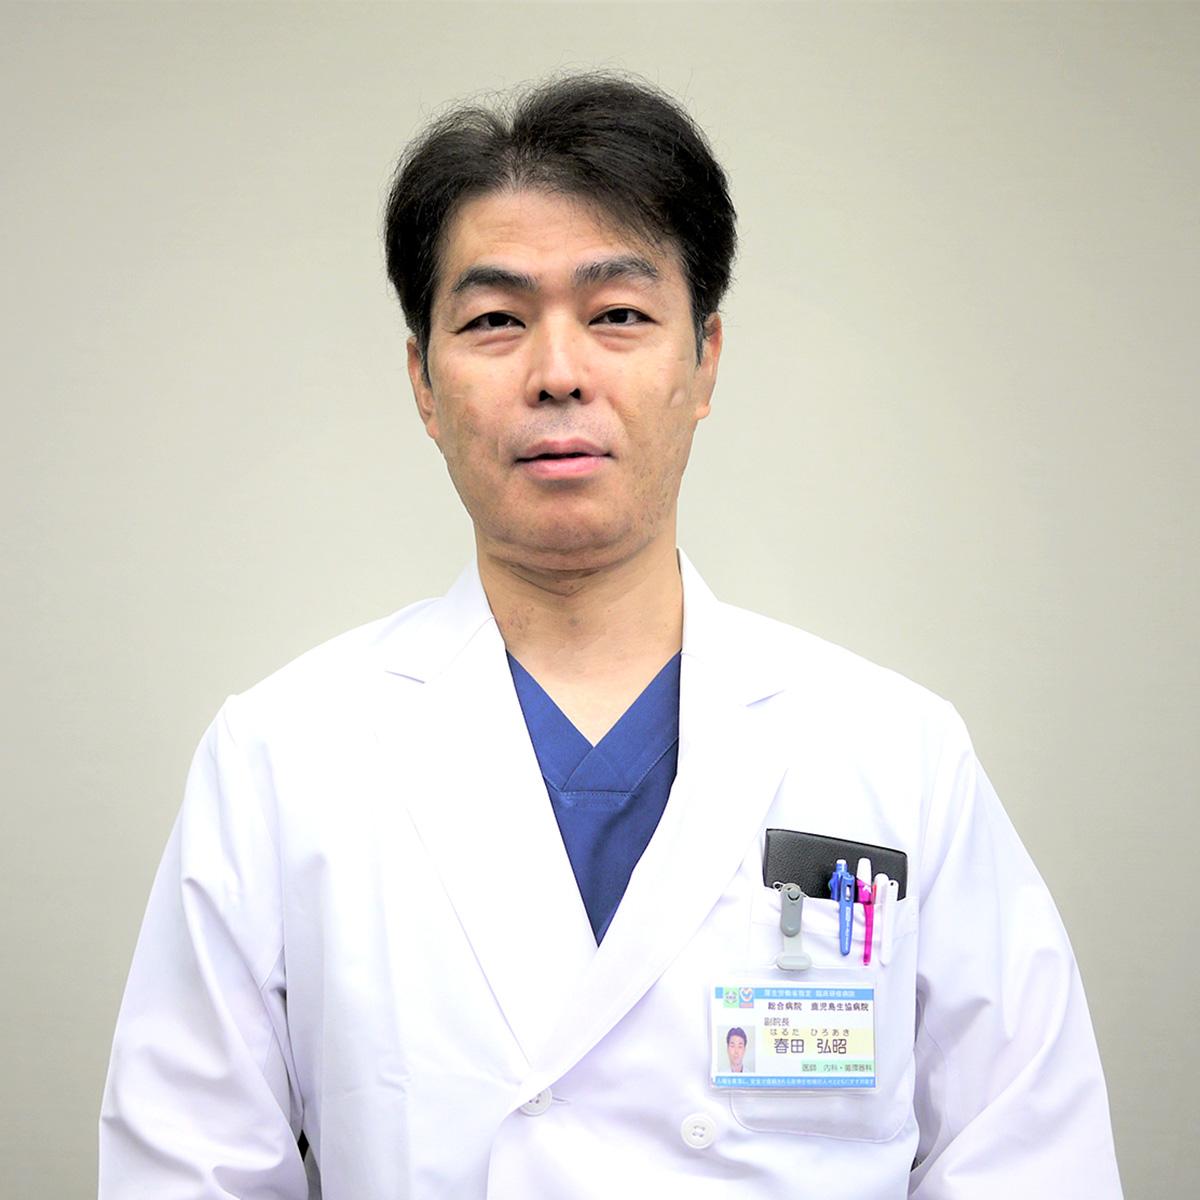 初期研修プログラム責任者 副院長 循環器内科 春田 弘昭